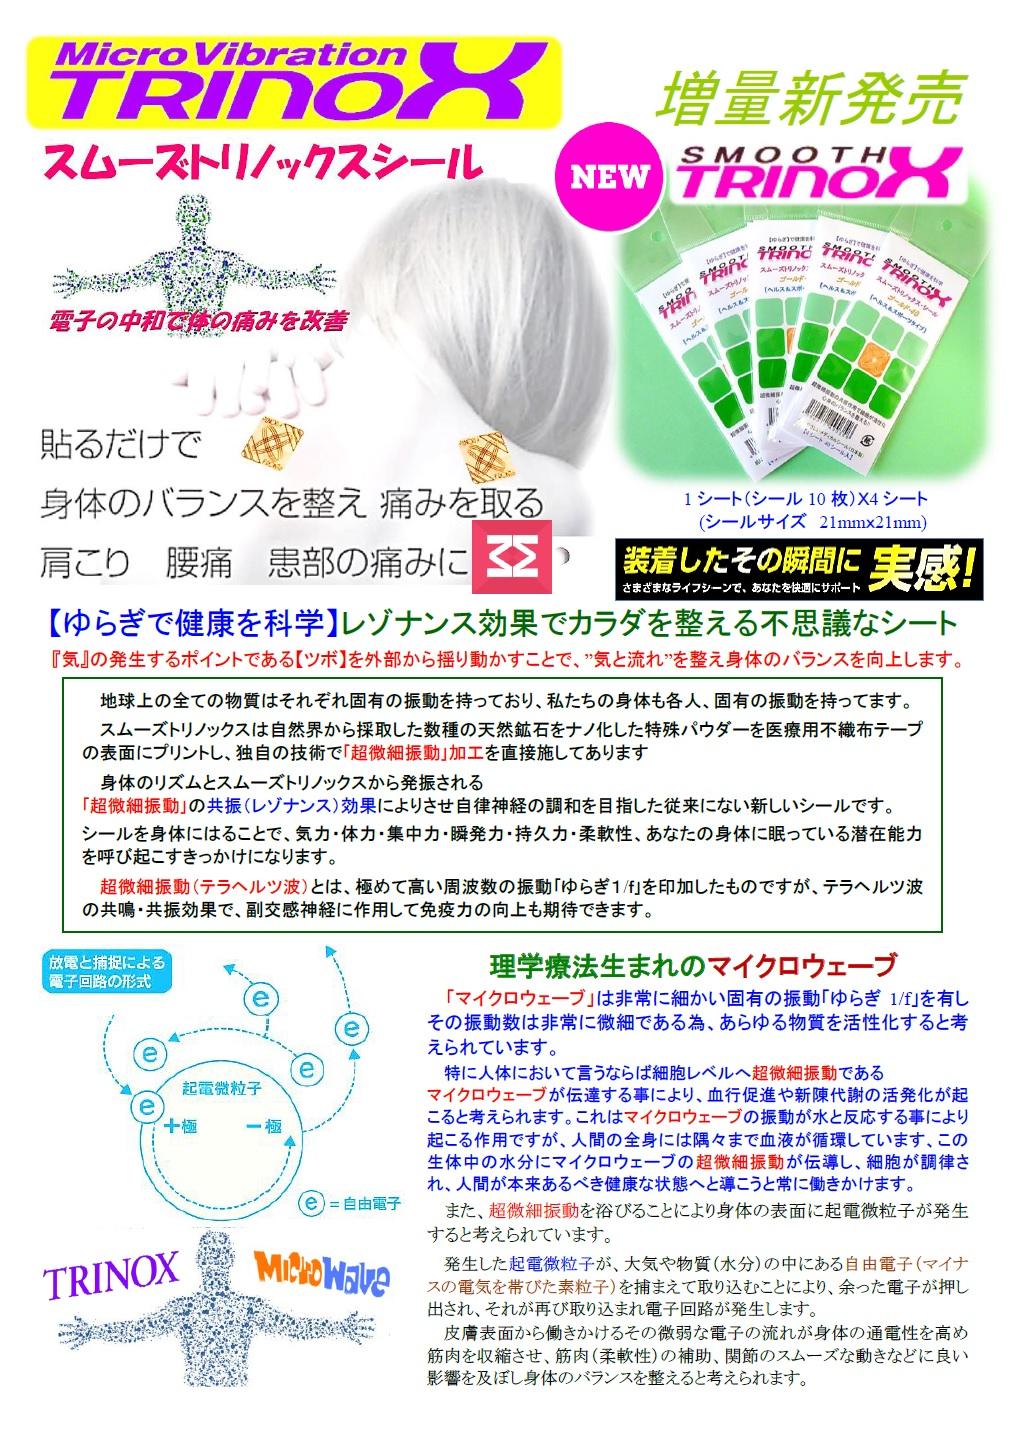 New スムーズTRINOXシール(2017-04-03)